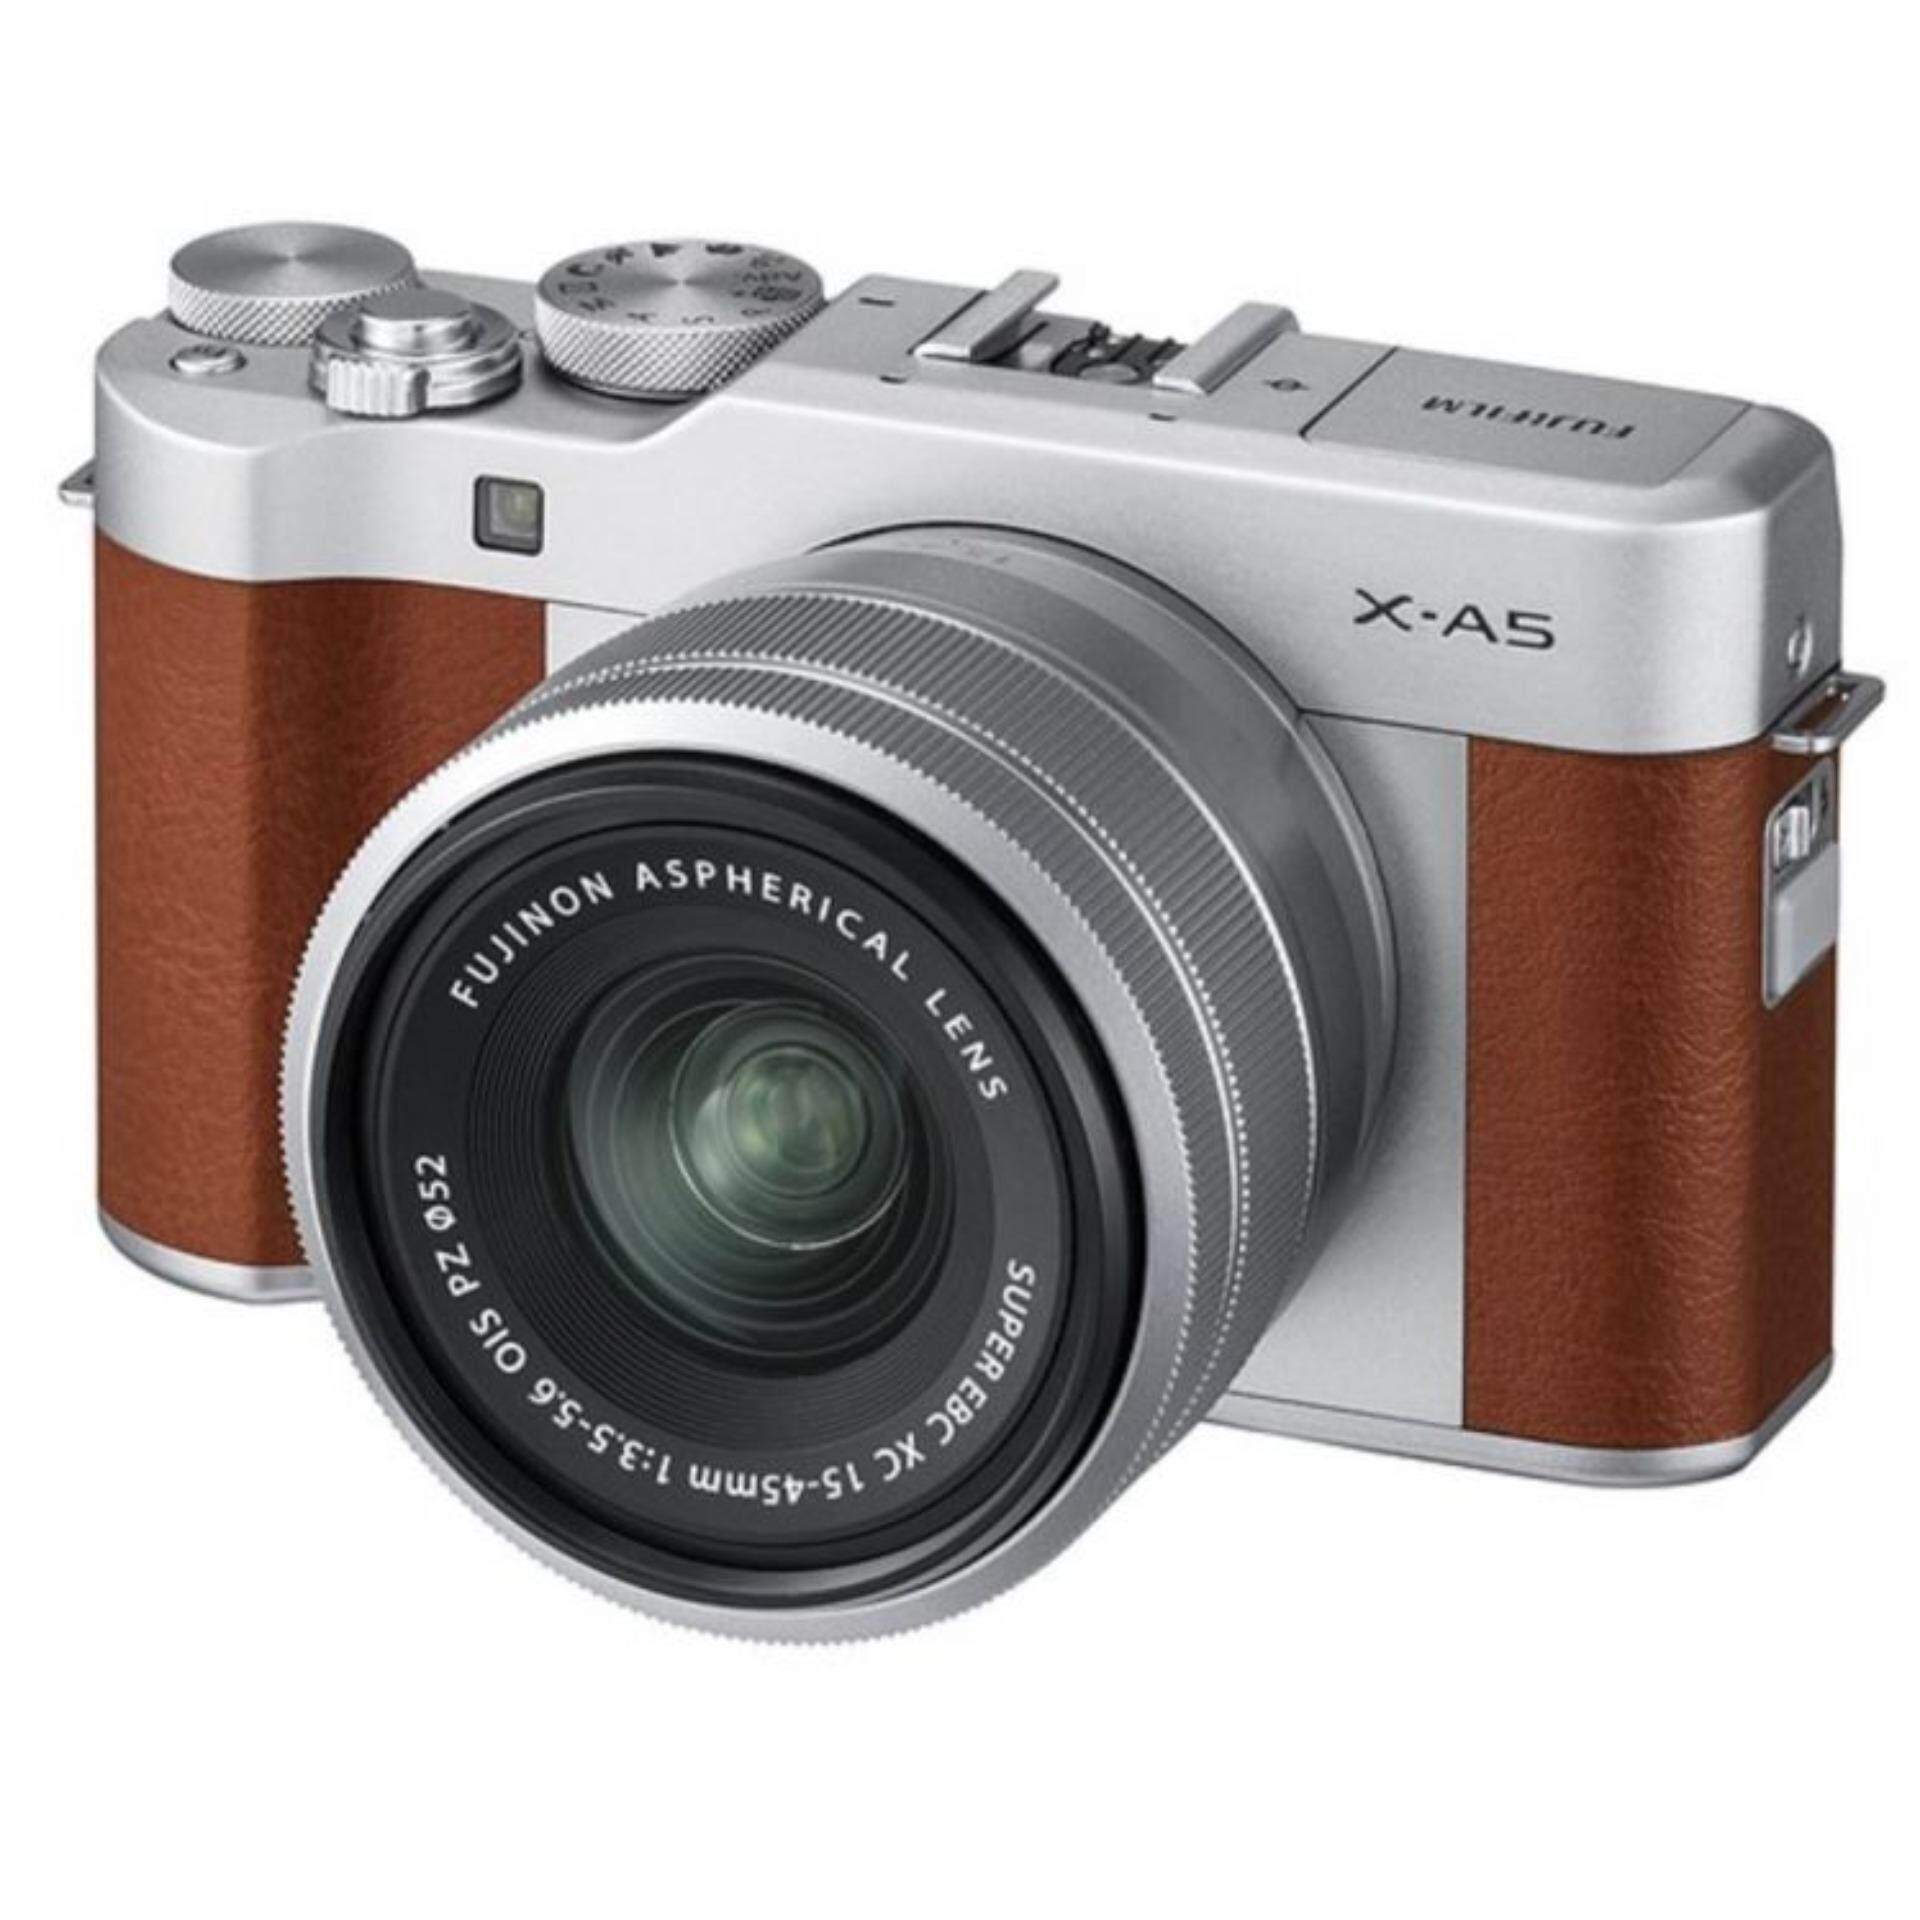 ซื้อ Hot กล้อง Fujifilm Xa5 Lens 15 45Mm Ois Pz ประกันศูนย์ไทย ออนไลน์ ถูก